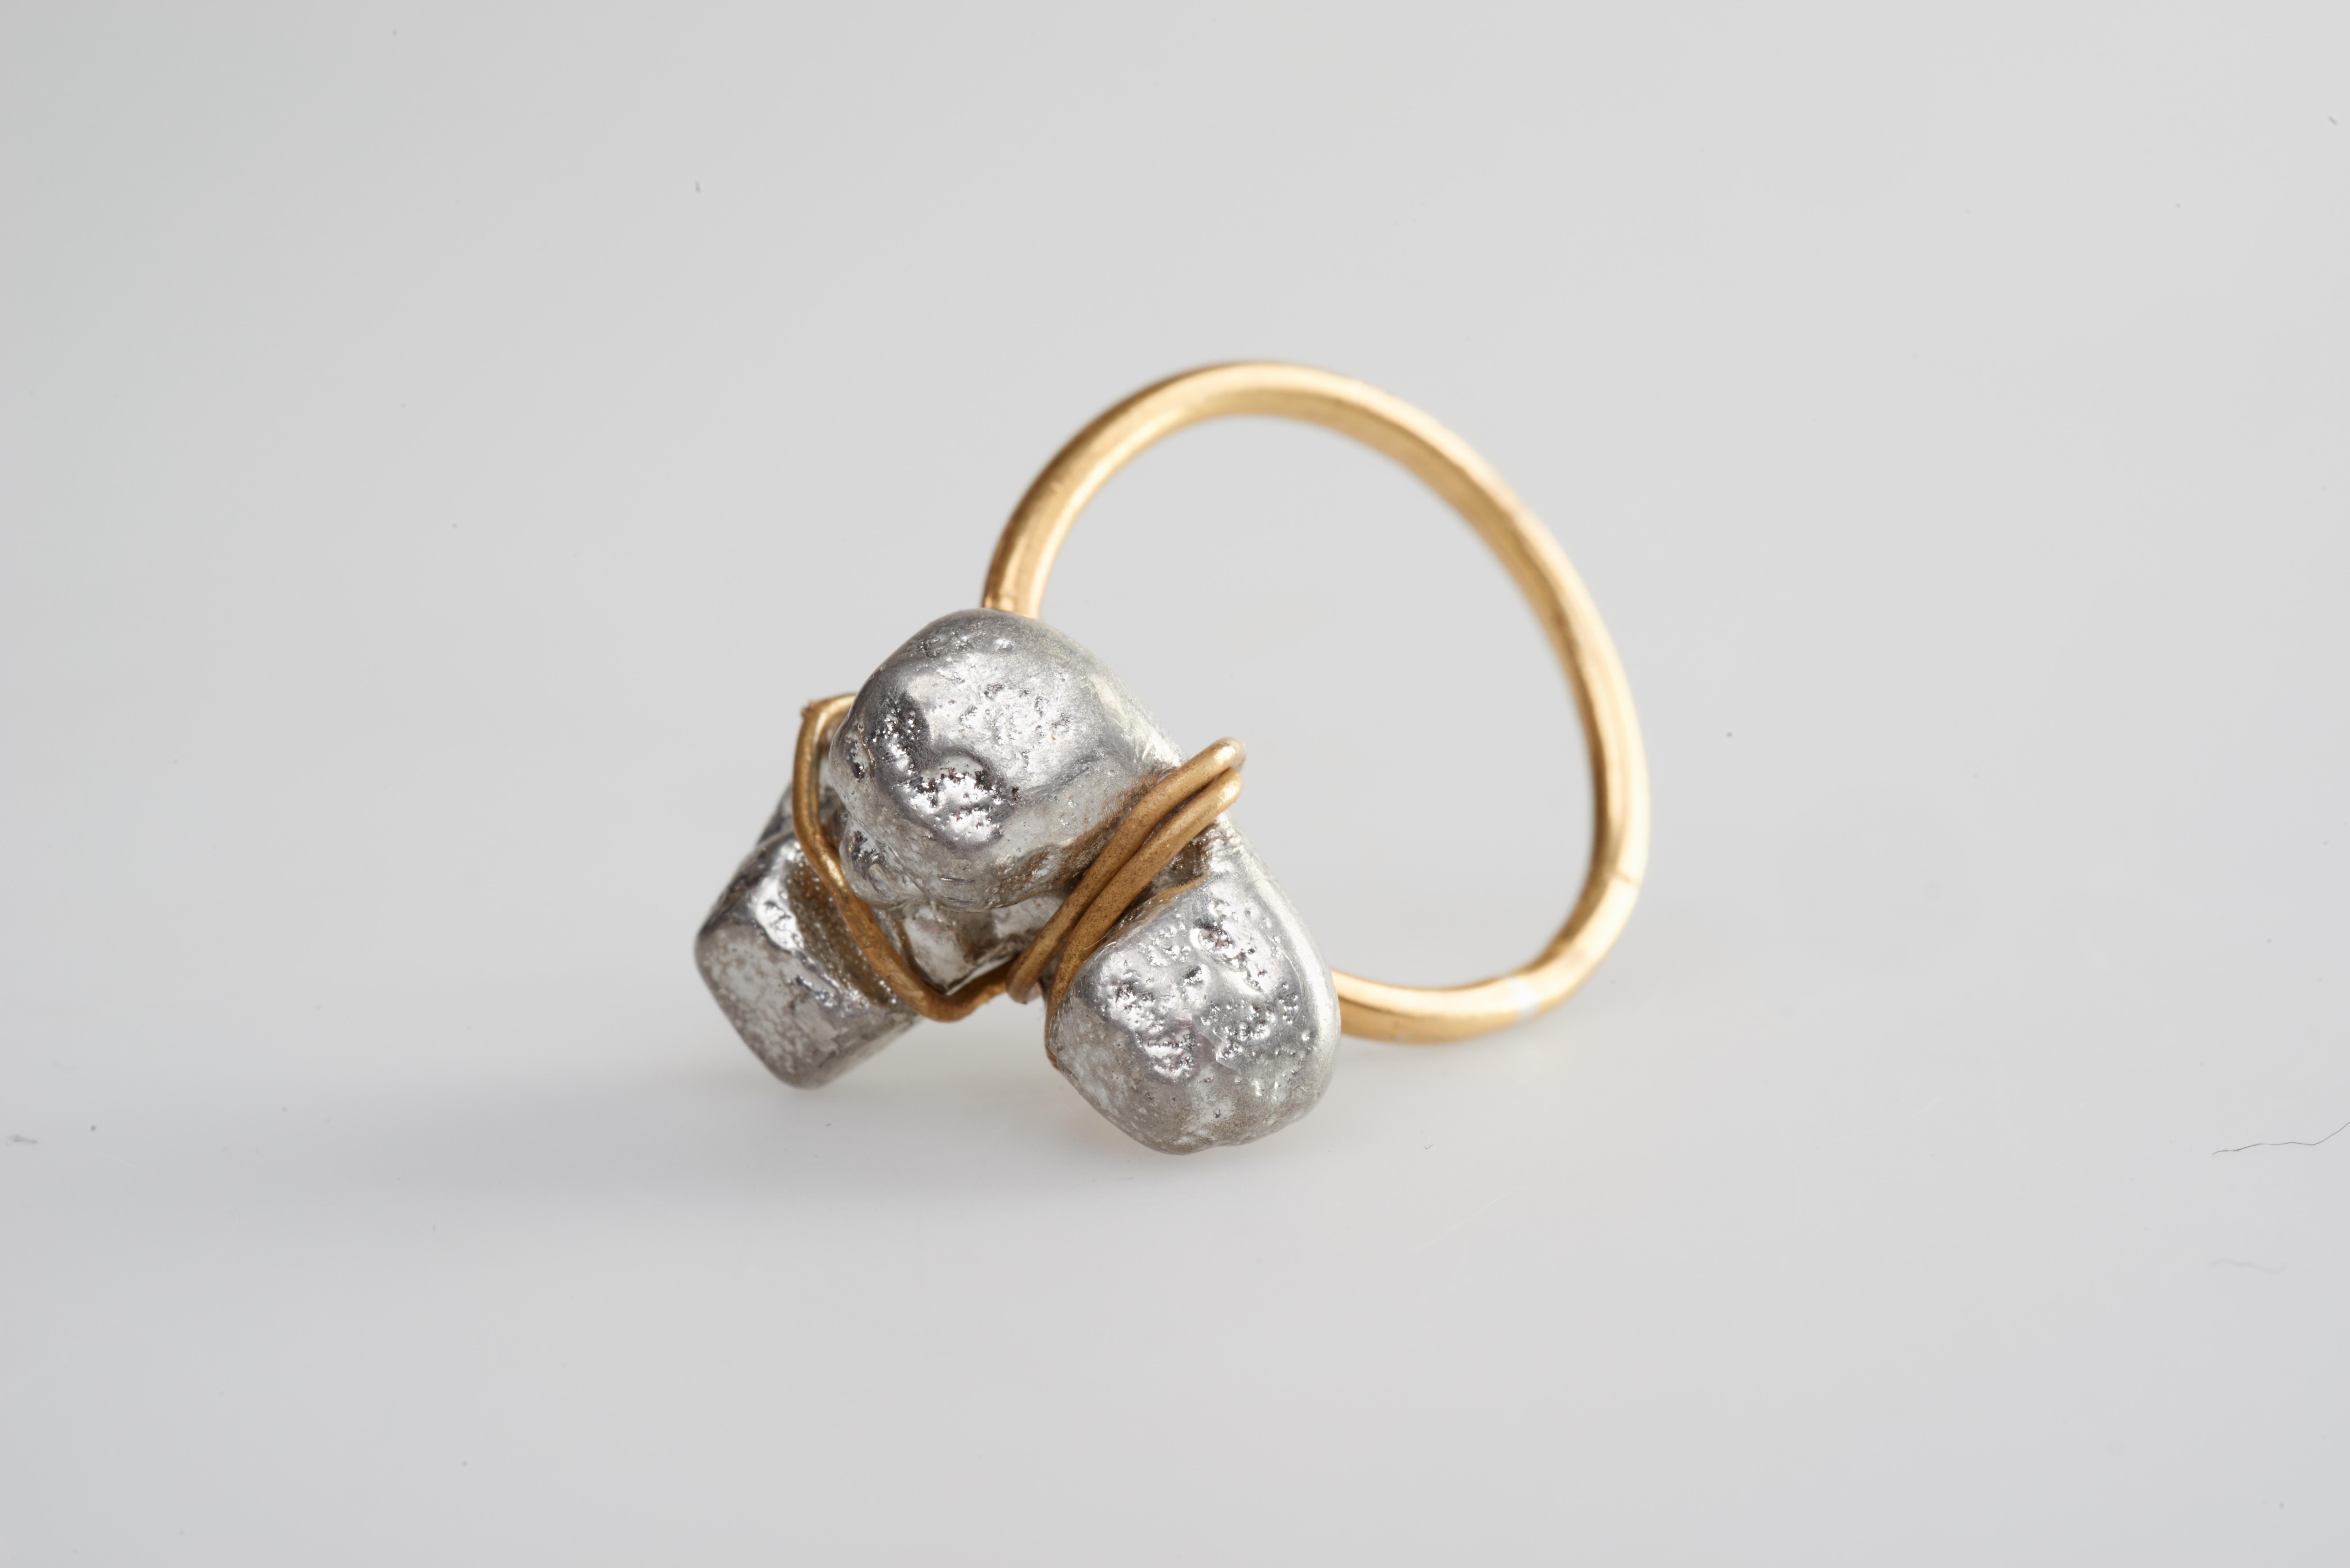 ring- brass, pewter.